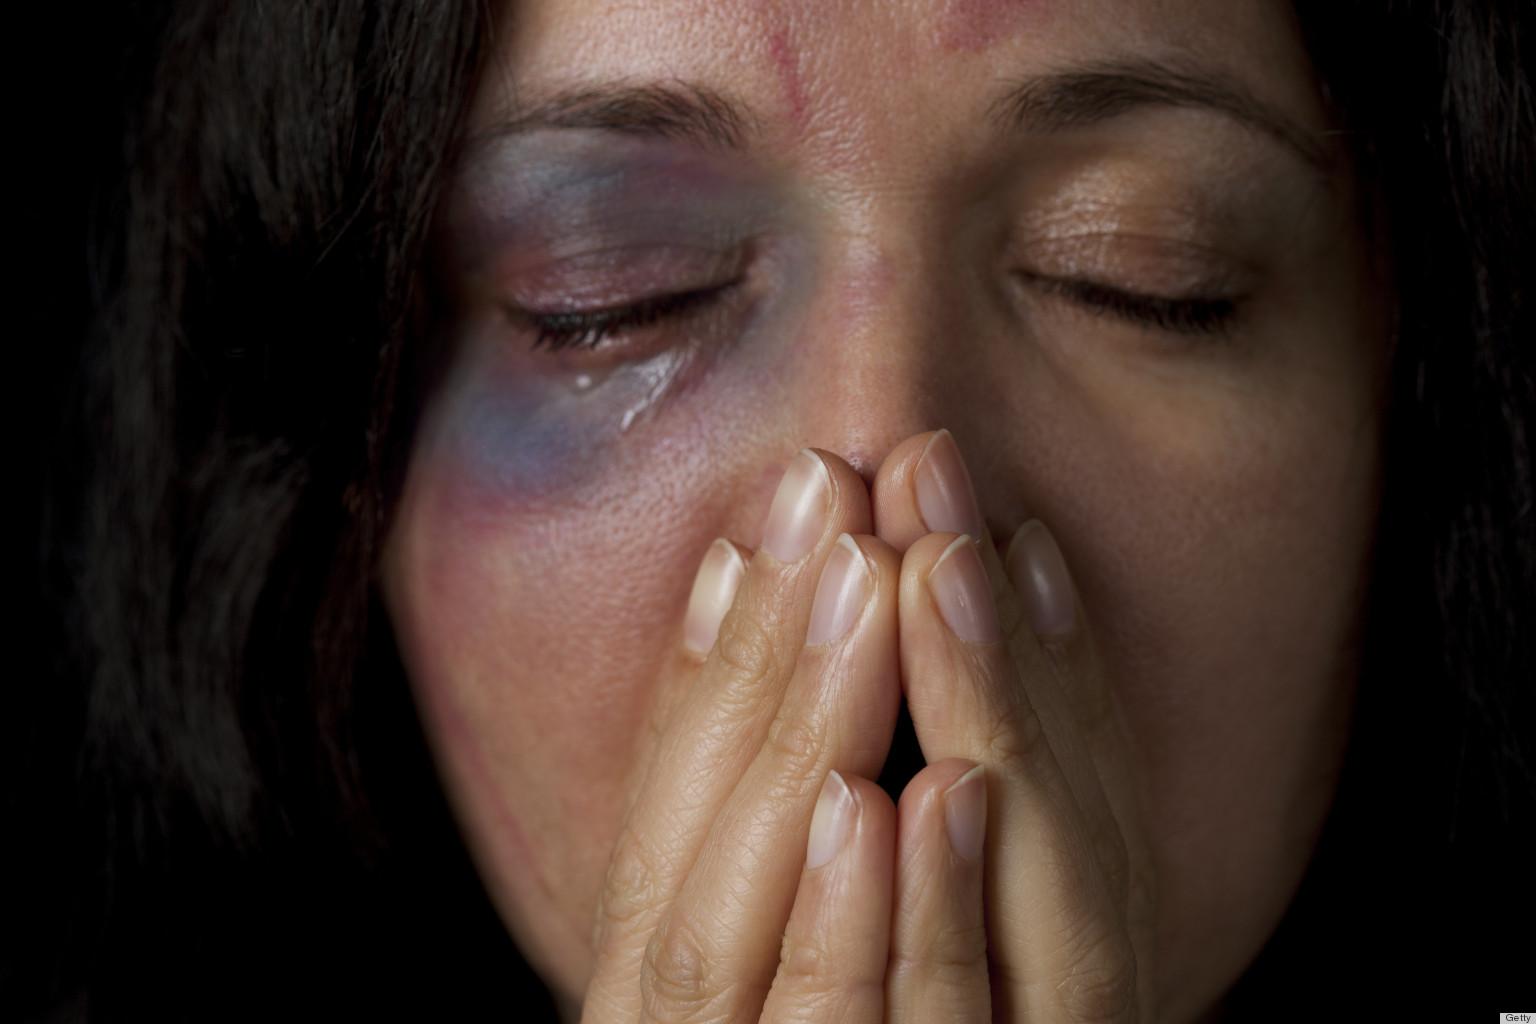 sanzioni per parrucchieri abusive relationship